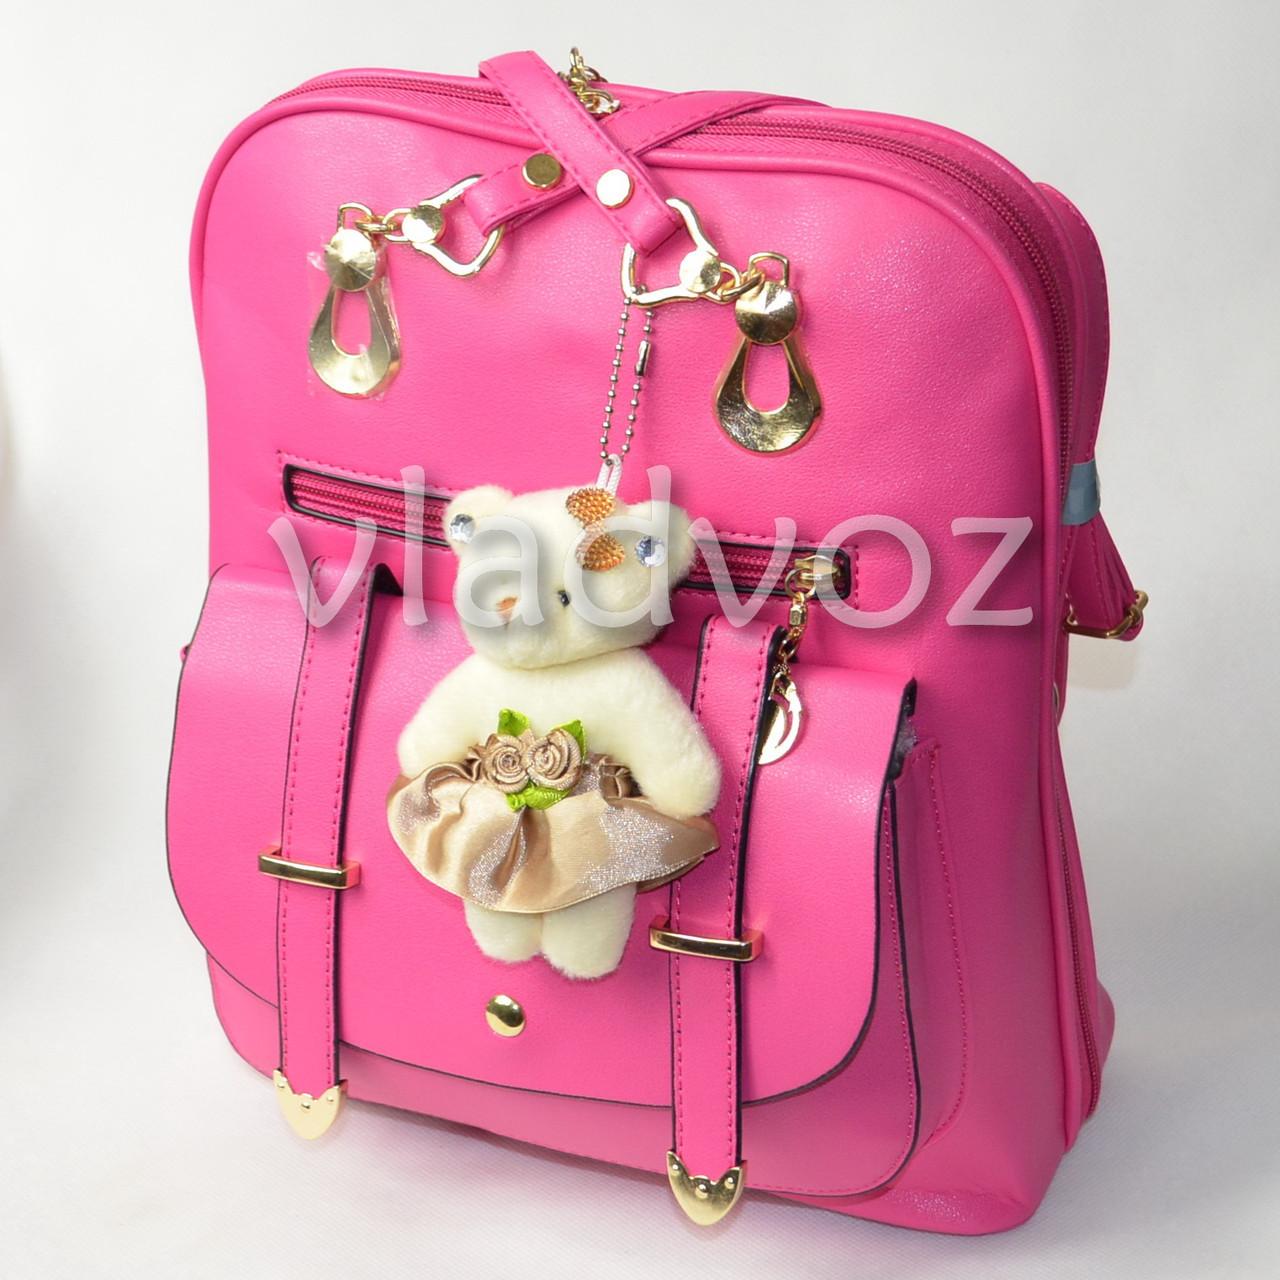 f8ca00d2599c Городской женский модный стильный рюкзак сумка малиновый с мишкой -  интернет-магазин vladvozsklad KIEVSTAR -